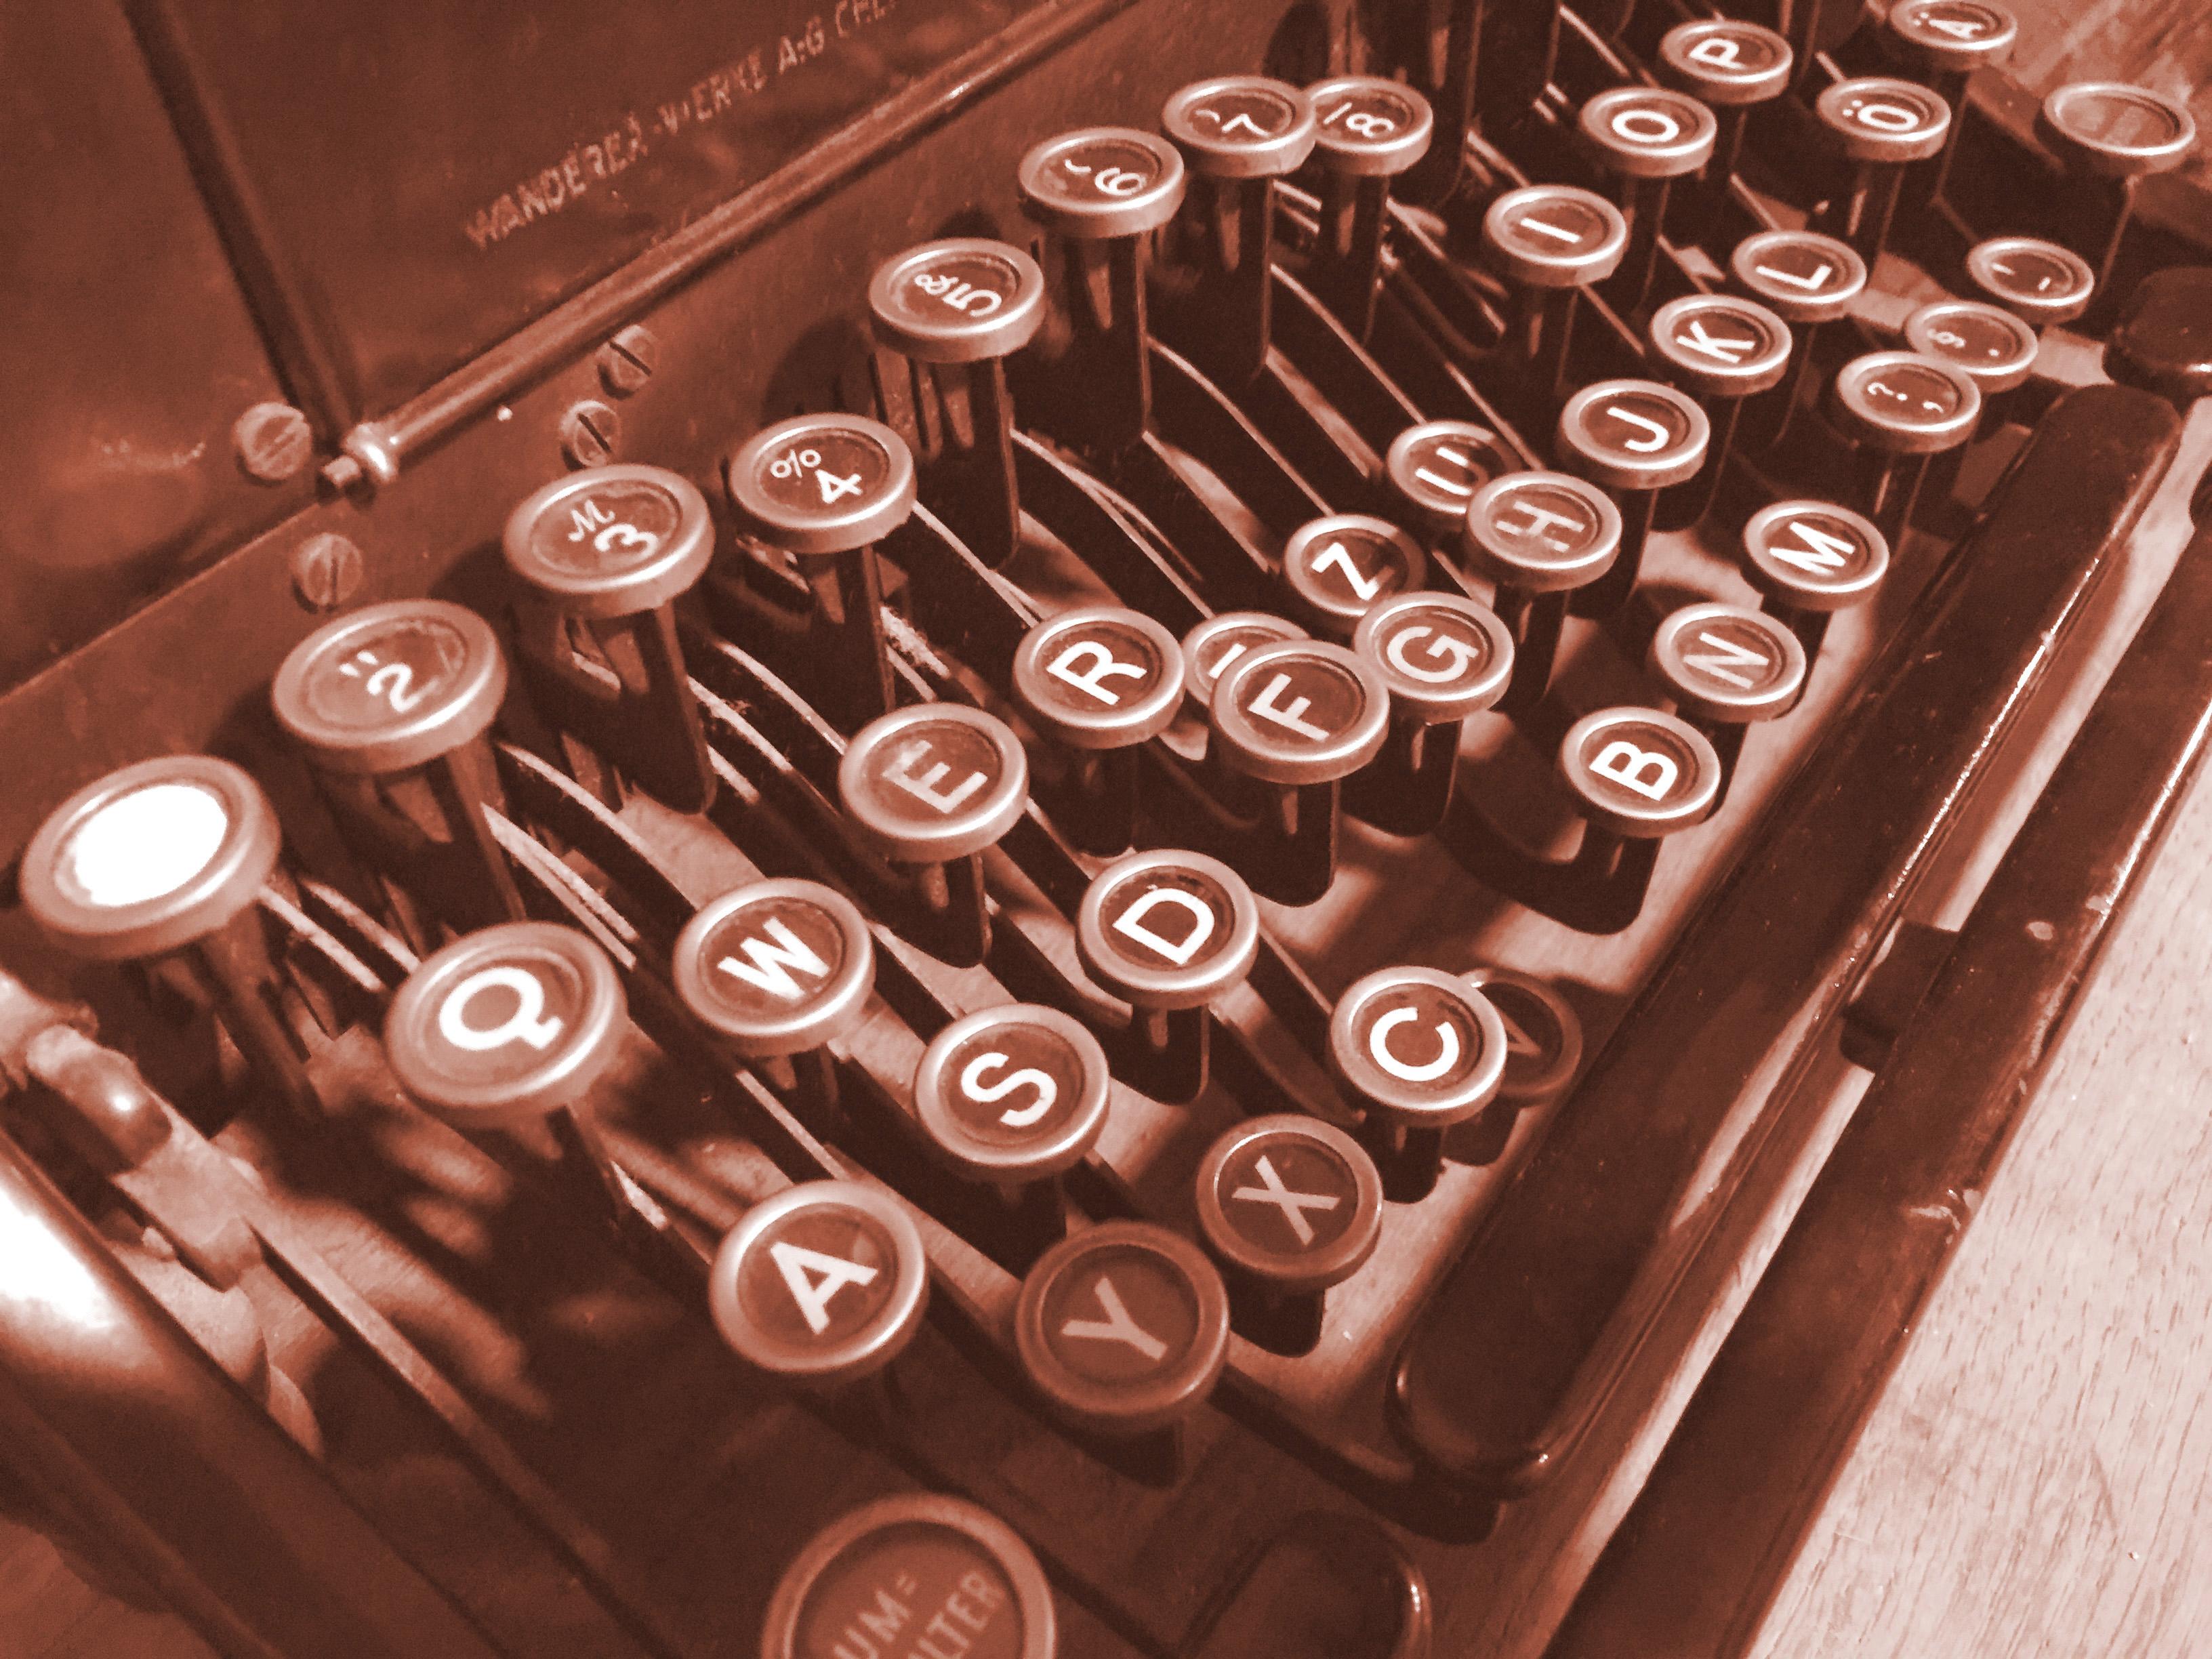 Schreibkunst Redakteur PR-Text